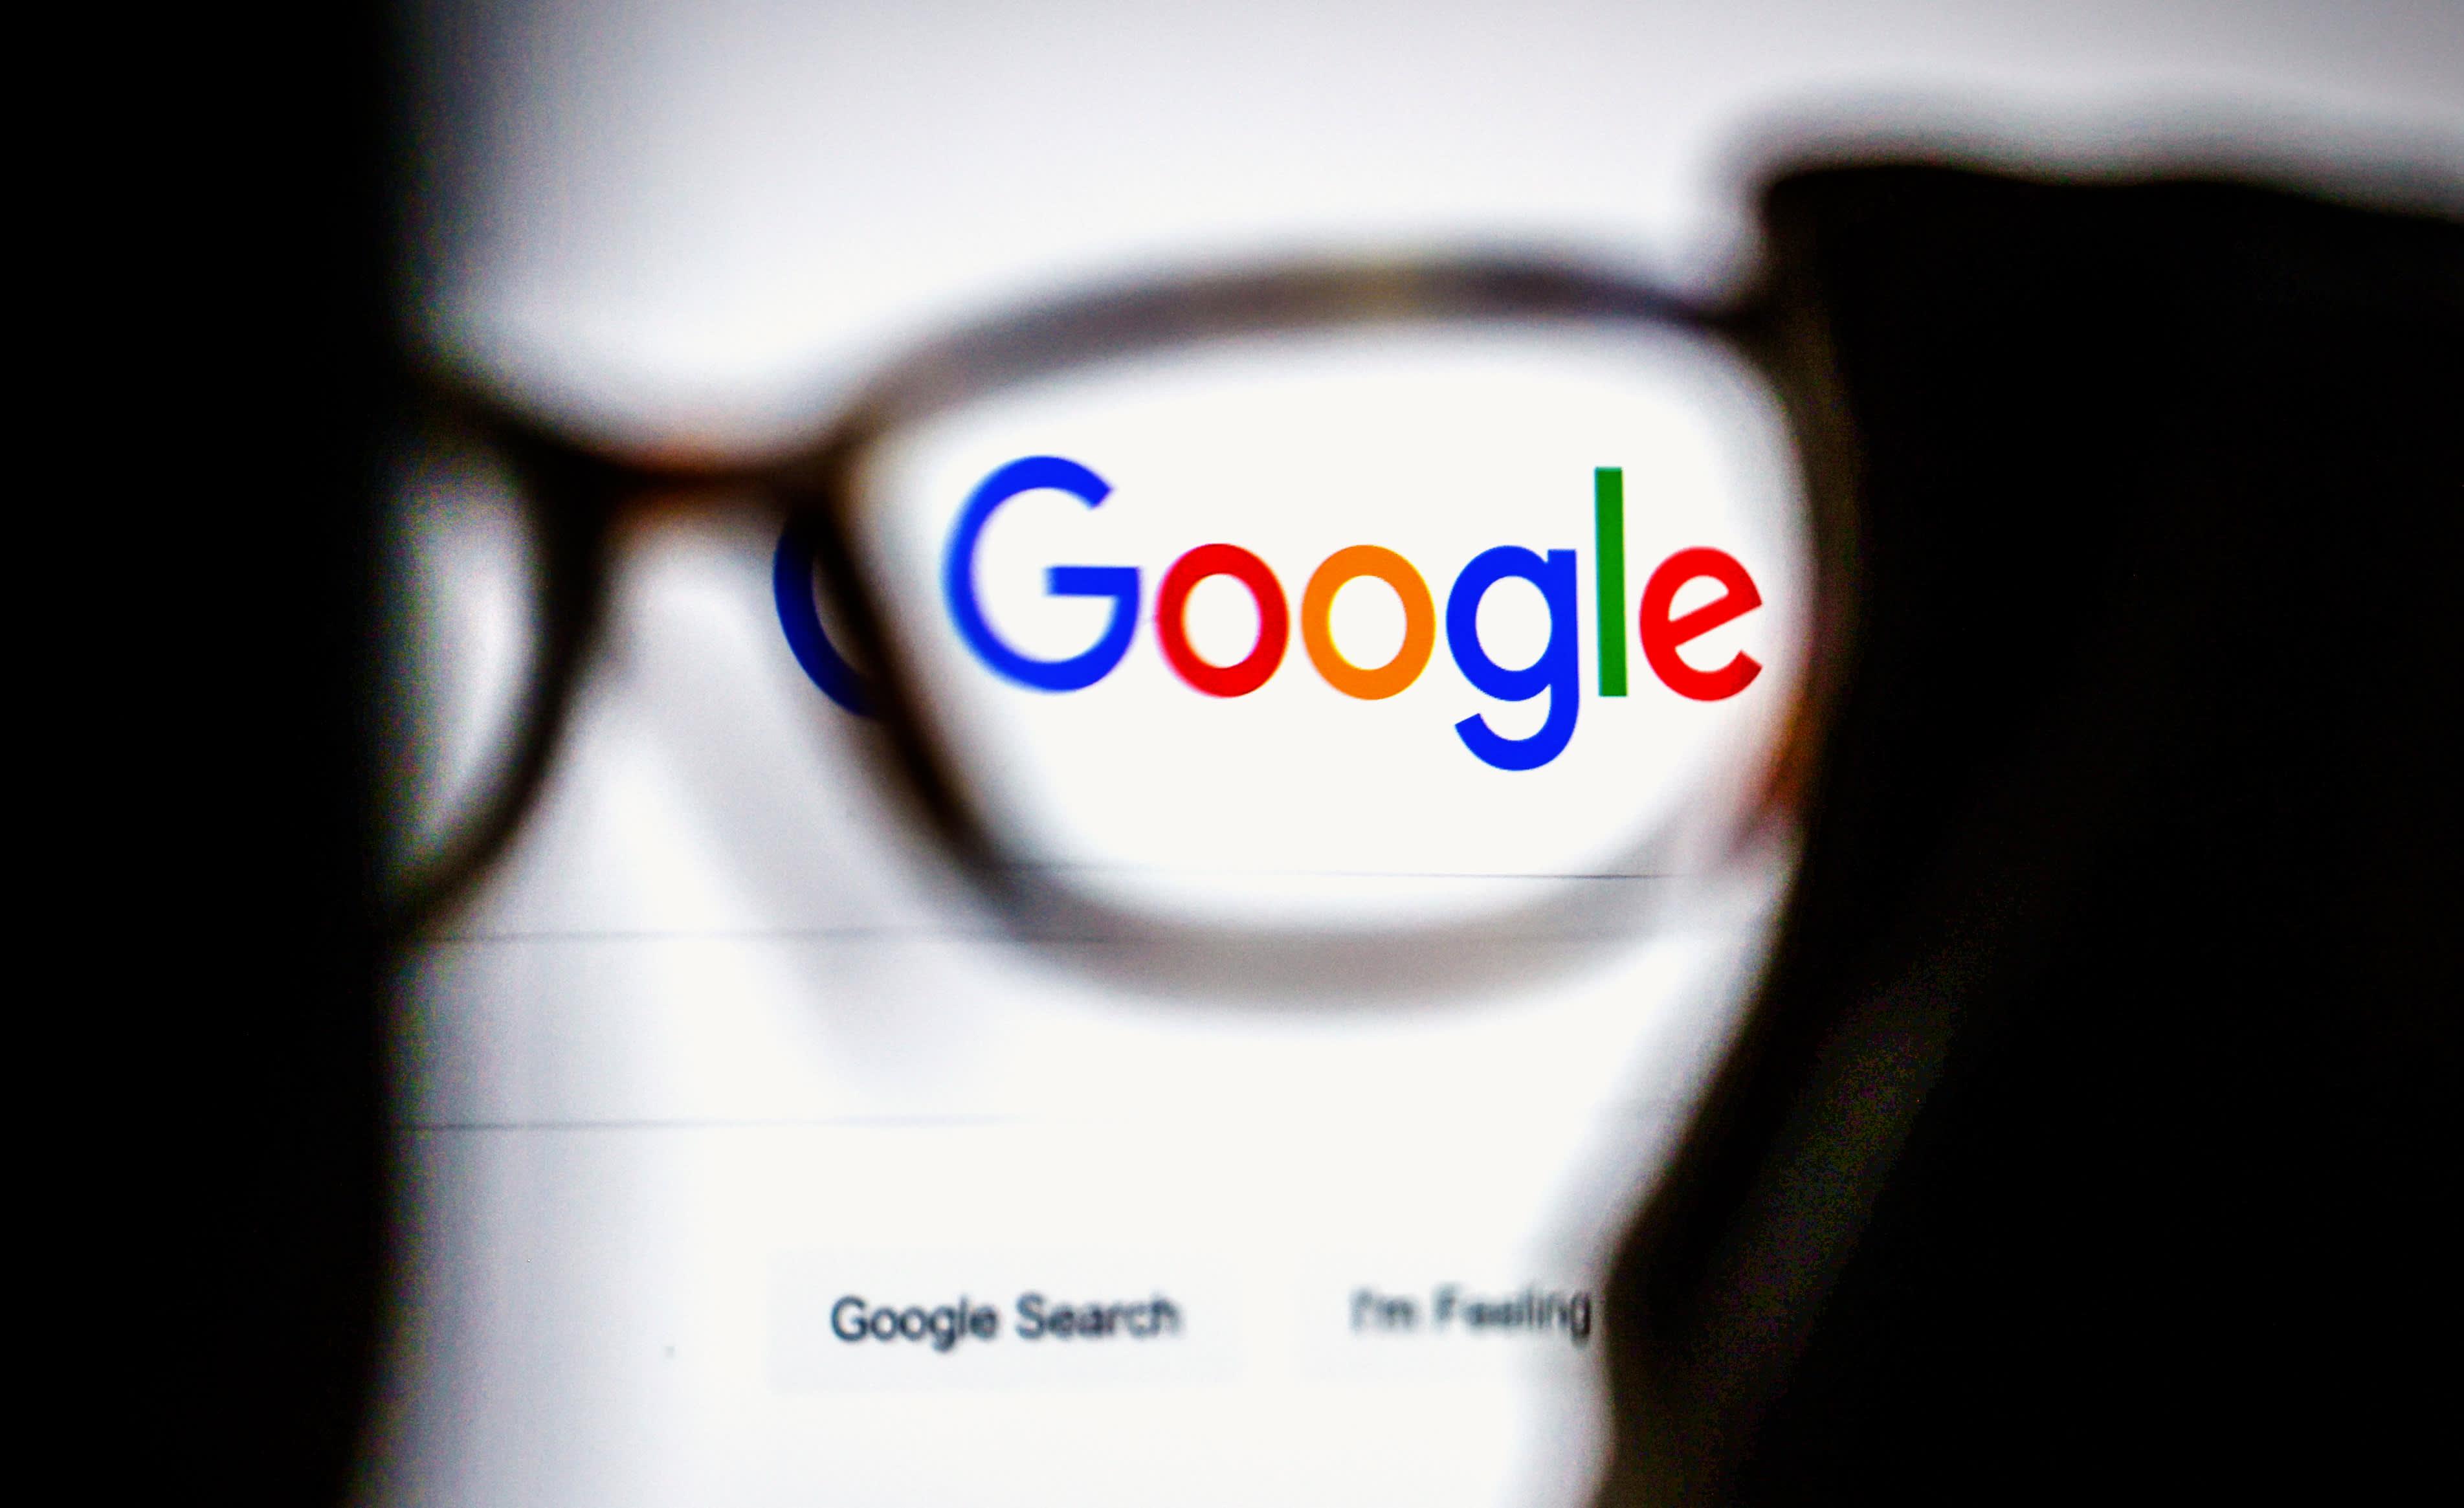 Московский суд оштрафовал Google на 14 млн рублей за неудаление запрещённой информации